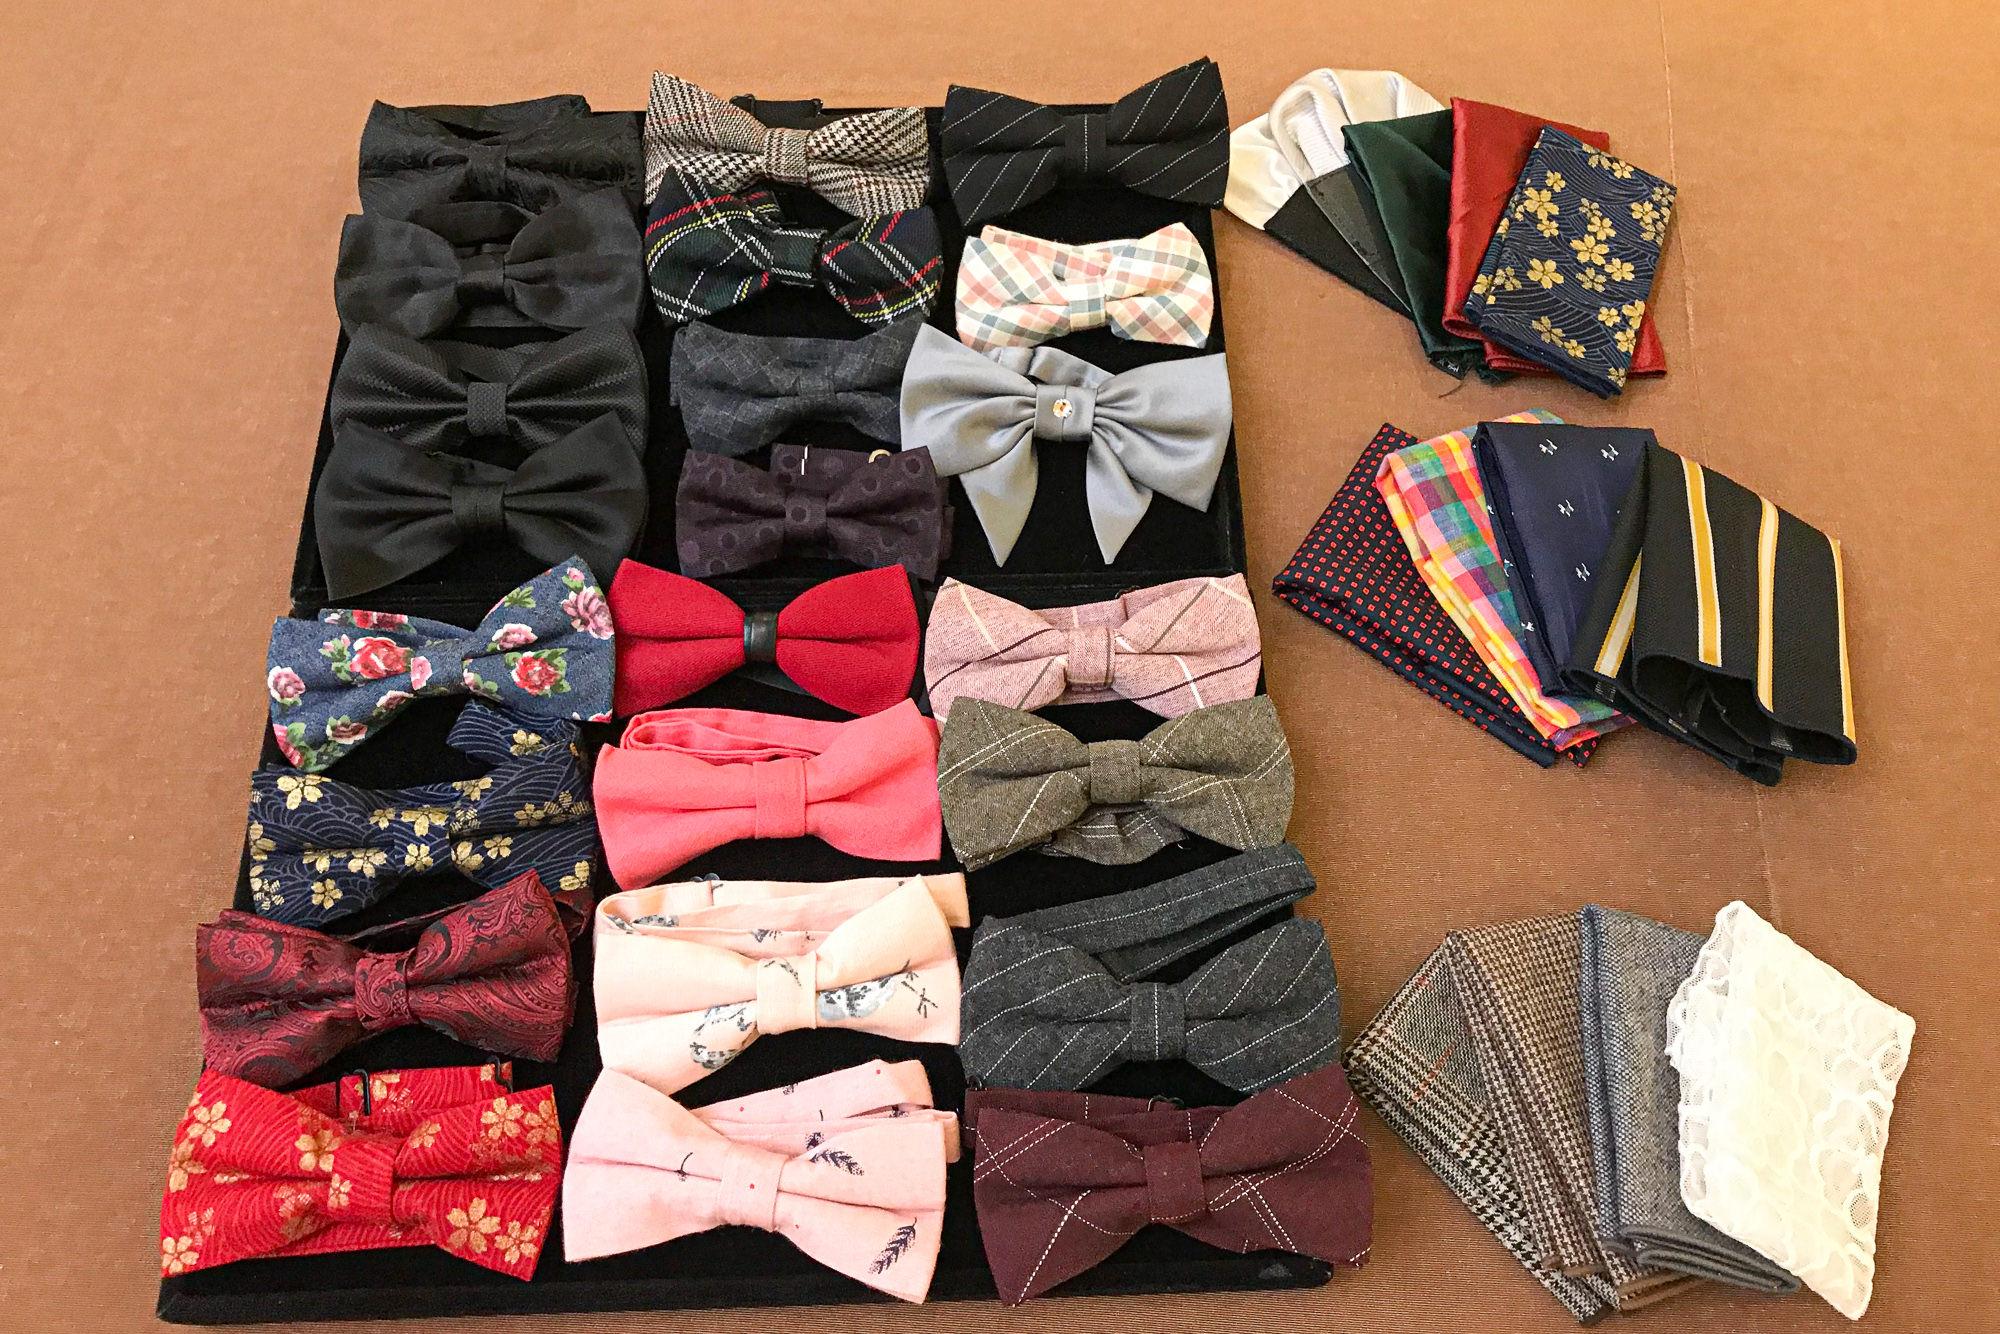 領結 新郎領結 口袋巾 新秘 新郎配件